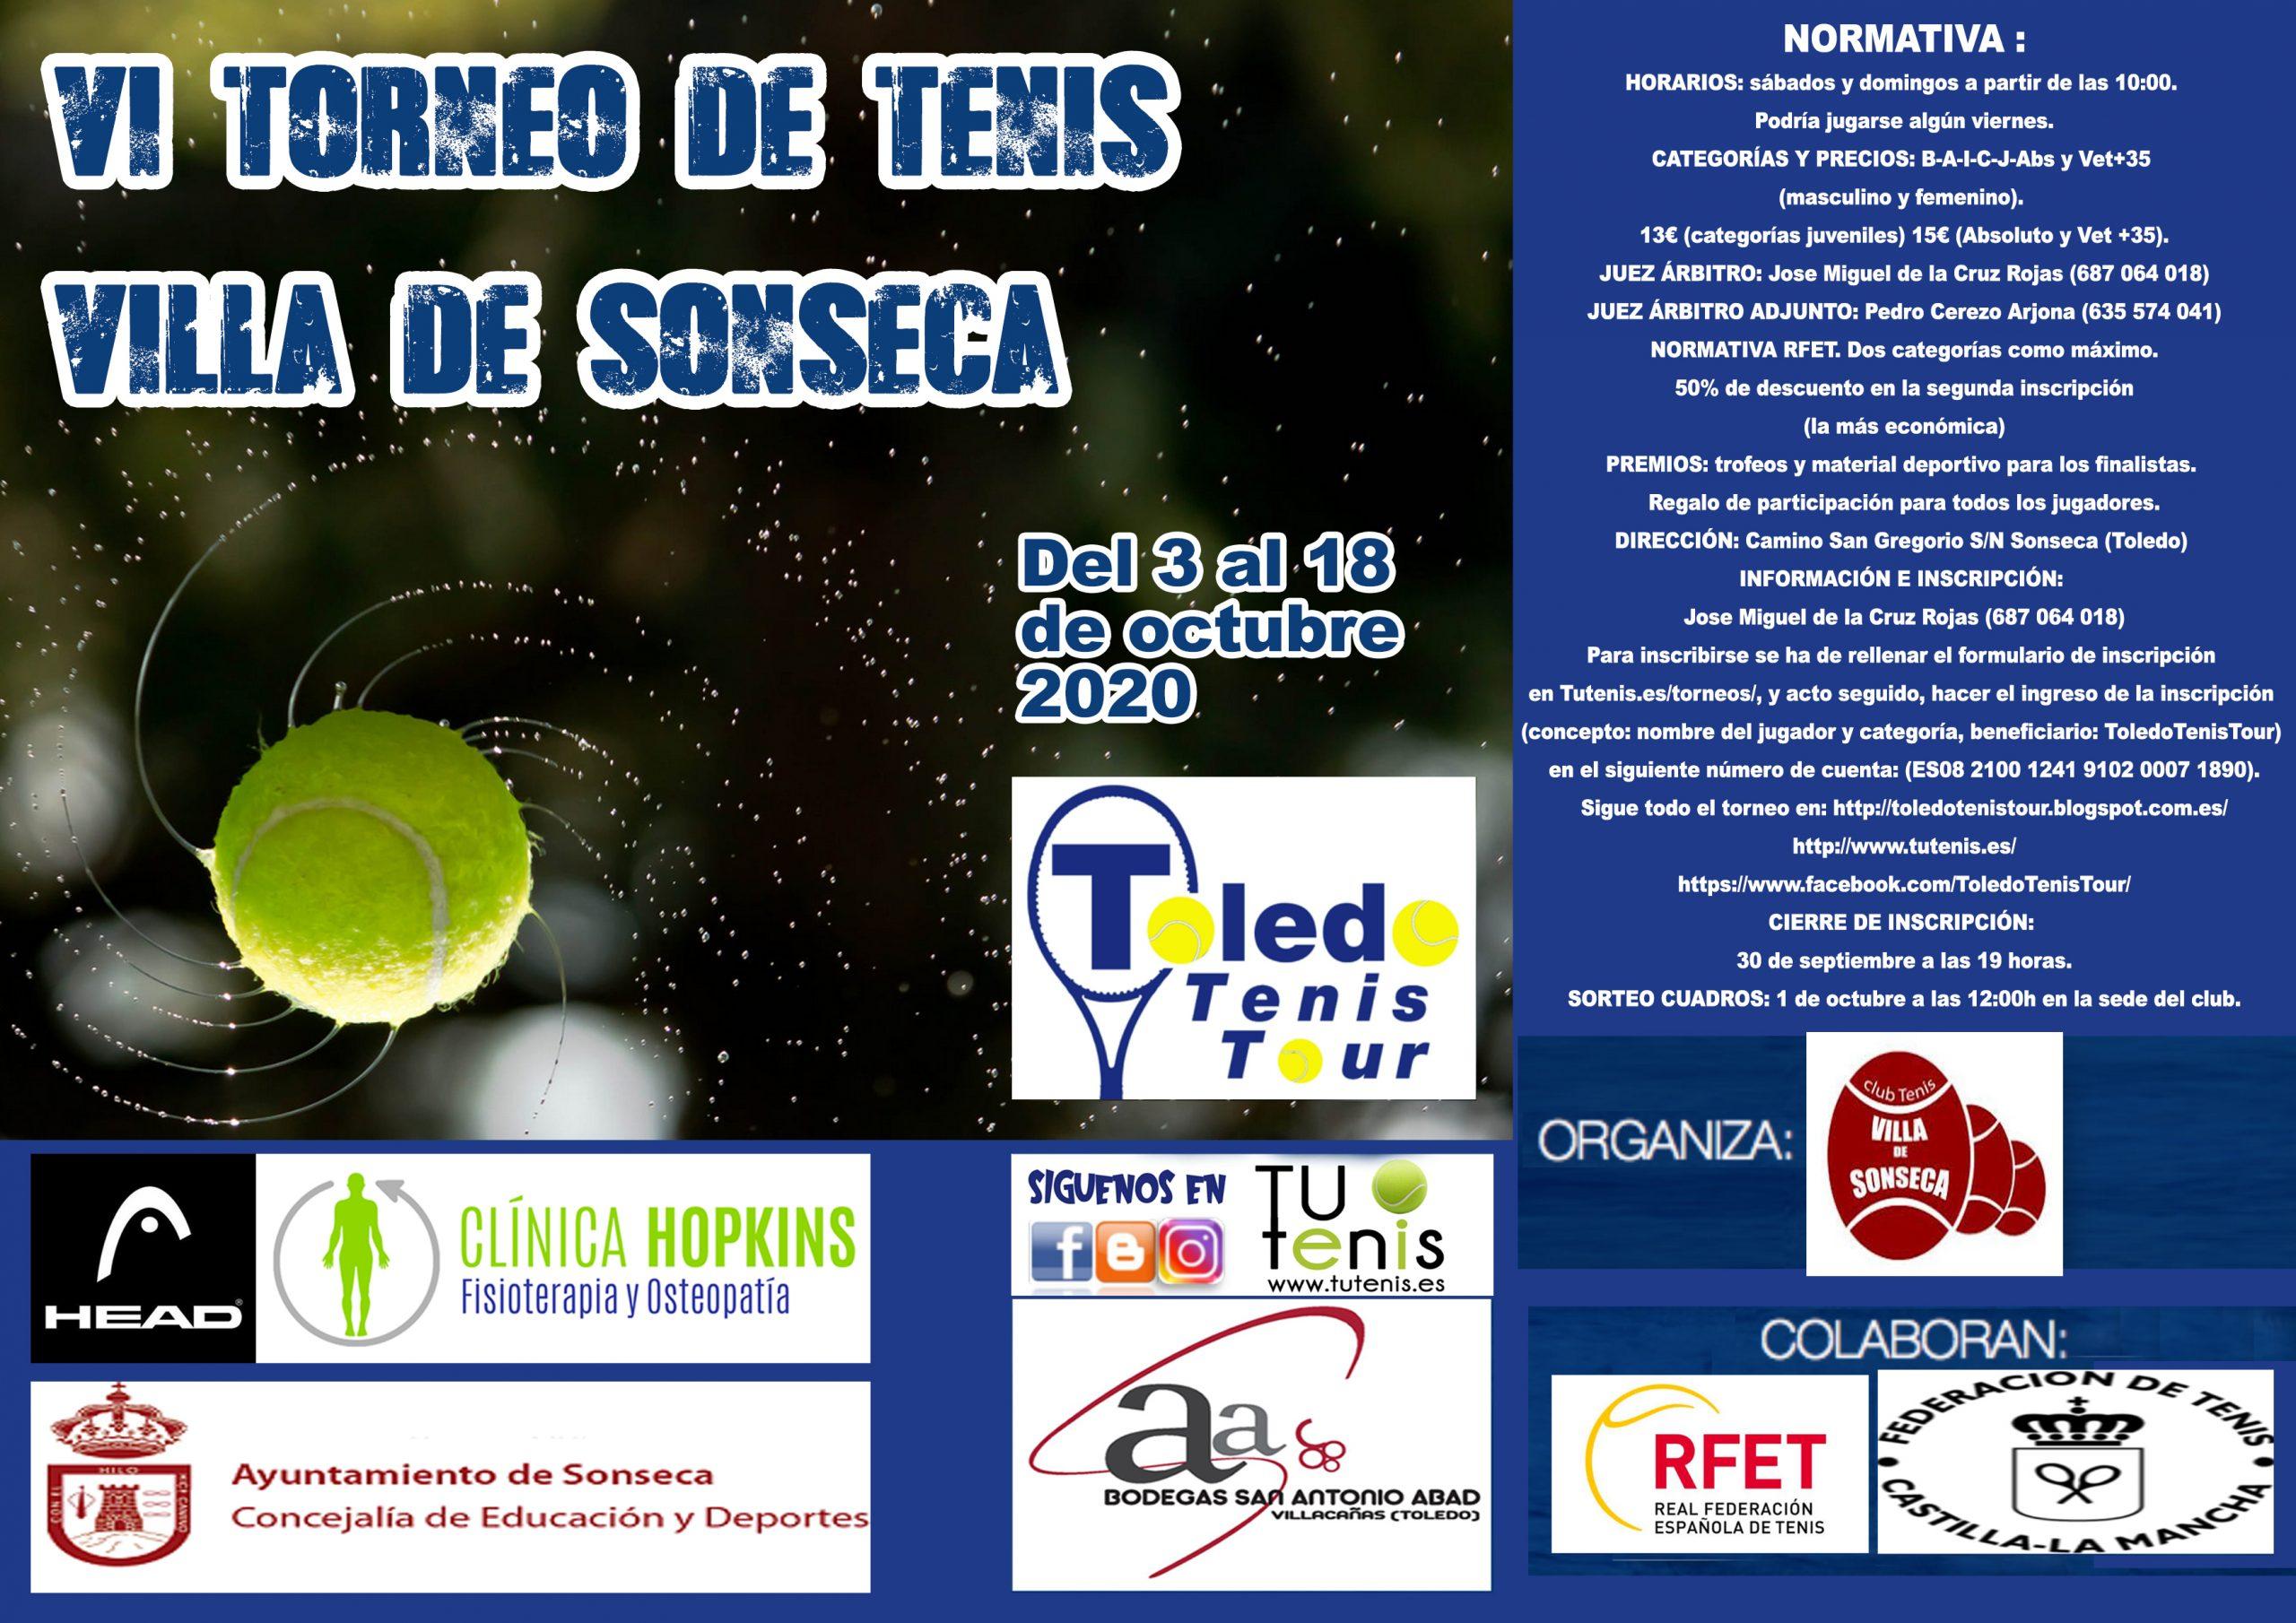 [CANCELADO POR PREVENCIÓN SANITARIA] VI Torneo de tenis Villa de Sonseca Toledo Tenis Tour